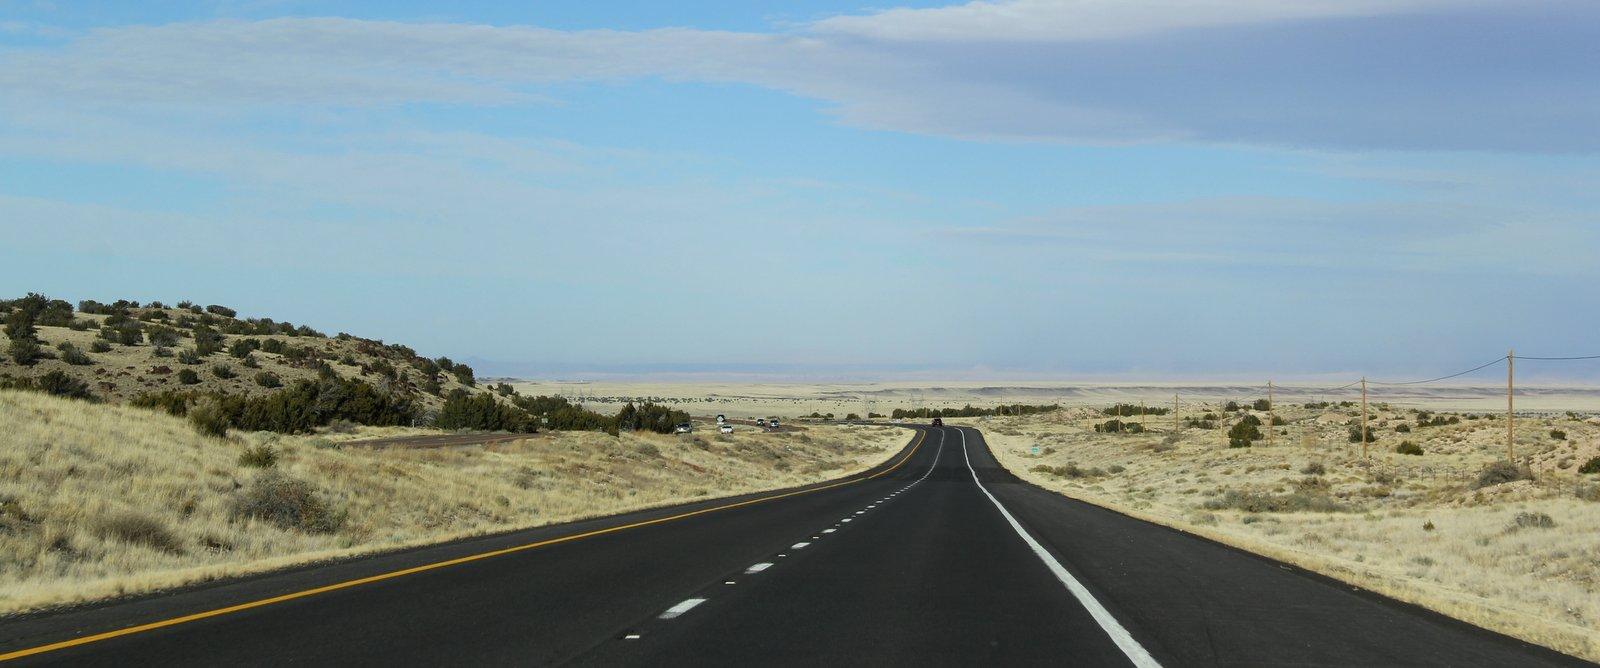 Sedona_Arizona_photo_3021